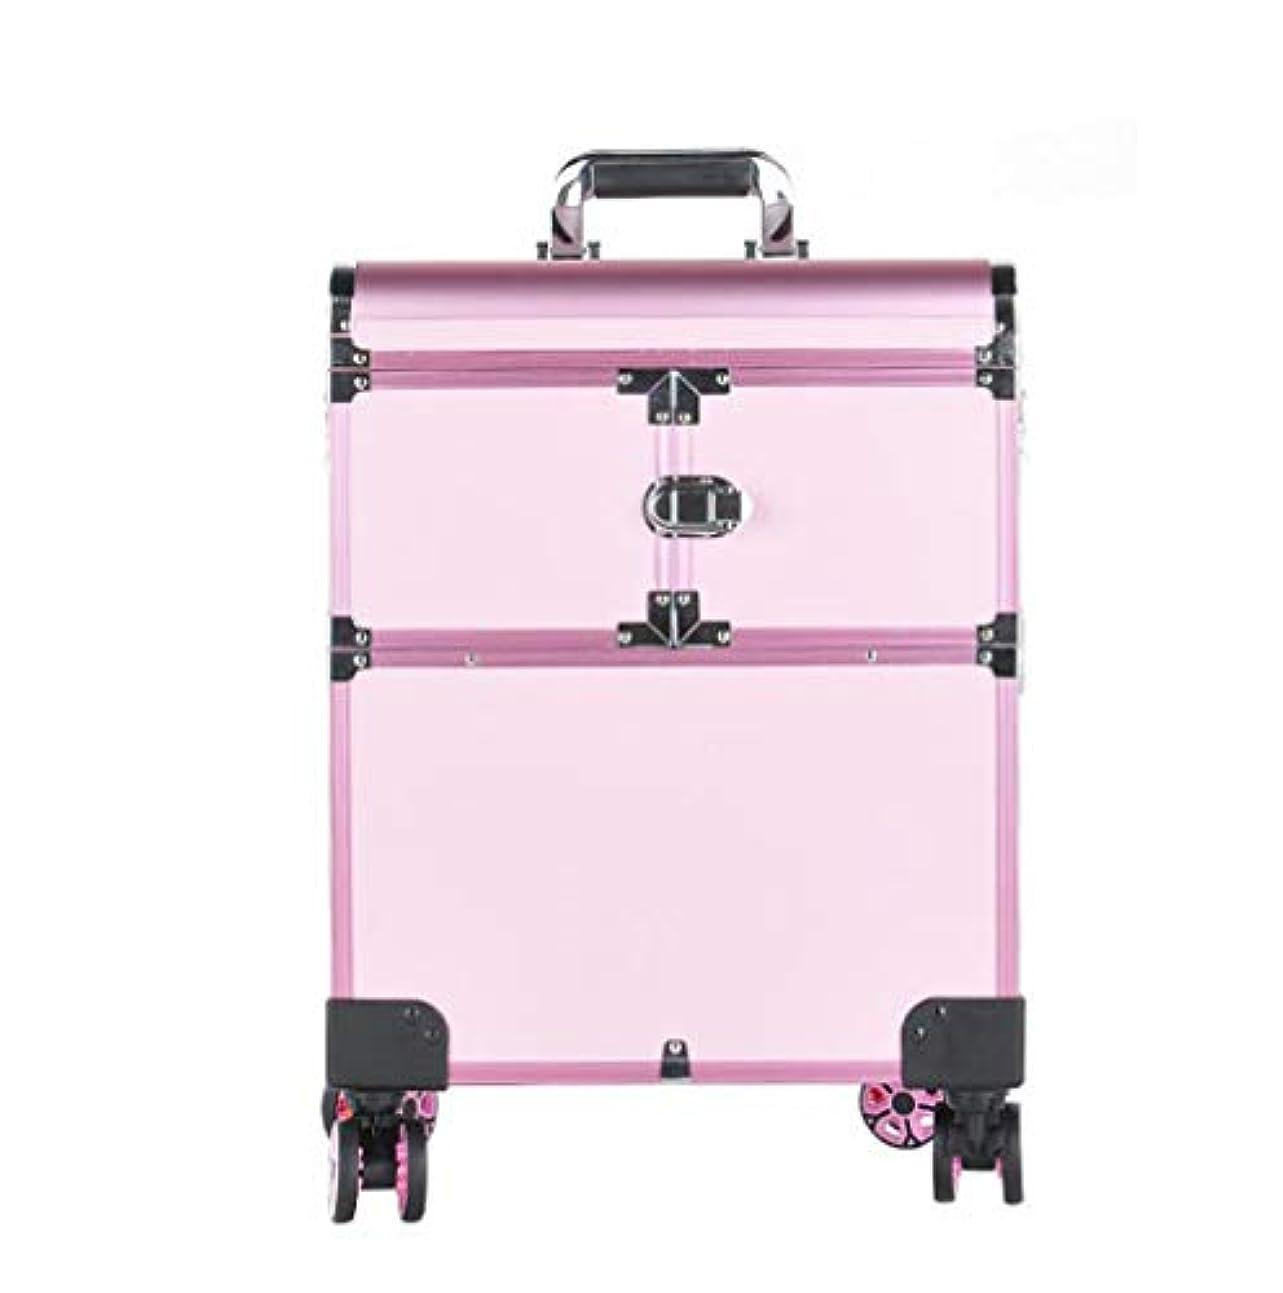 杭ポールアラビア語BUMC 特大化粧列車化粧トロリーケース、多層大容量プロフェッショナル化粧品ポータブルレバーオーガナイザー収納ビューティーボックス,Pink